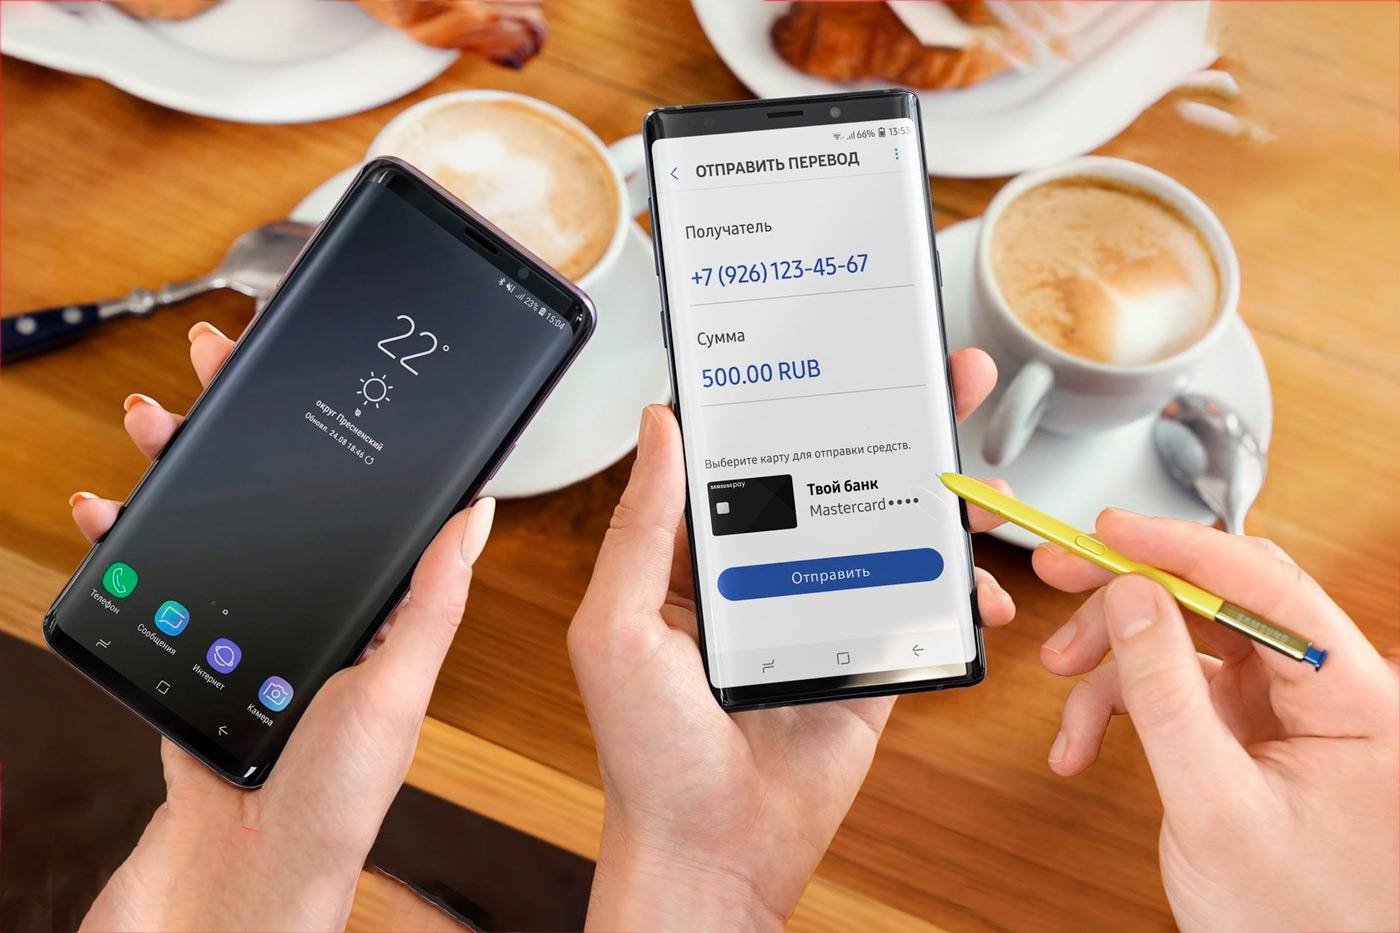 Как перевести деньги по номеру телефона другому абоненту